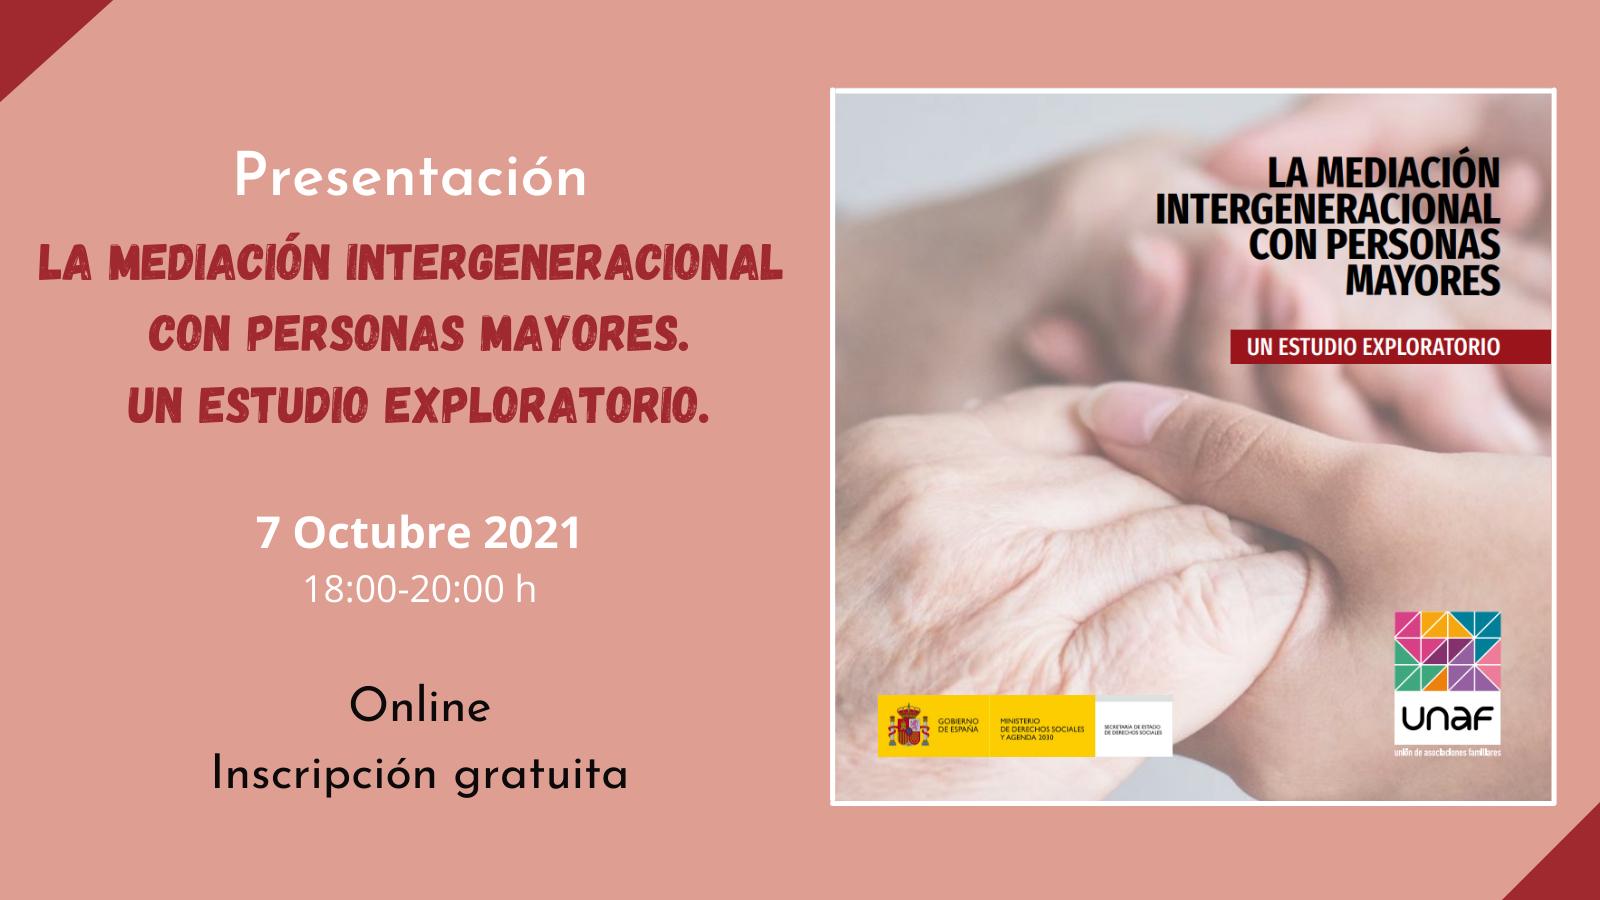 Presentación del estudio Mediación intergeneracional con personas mayores